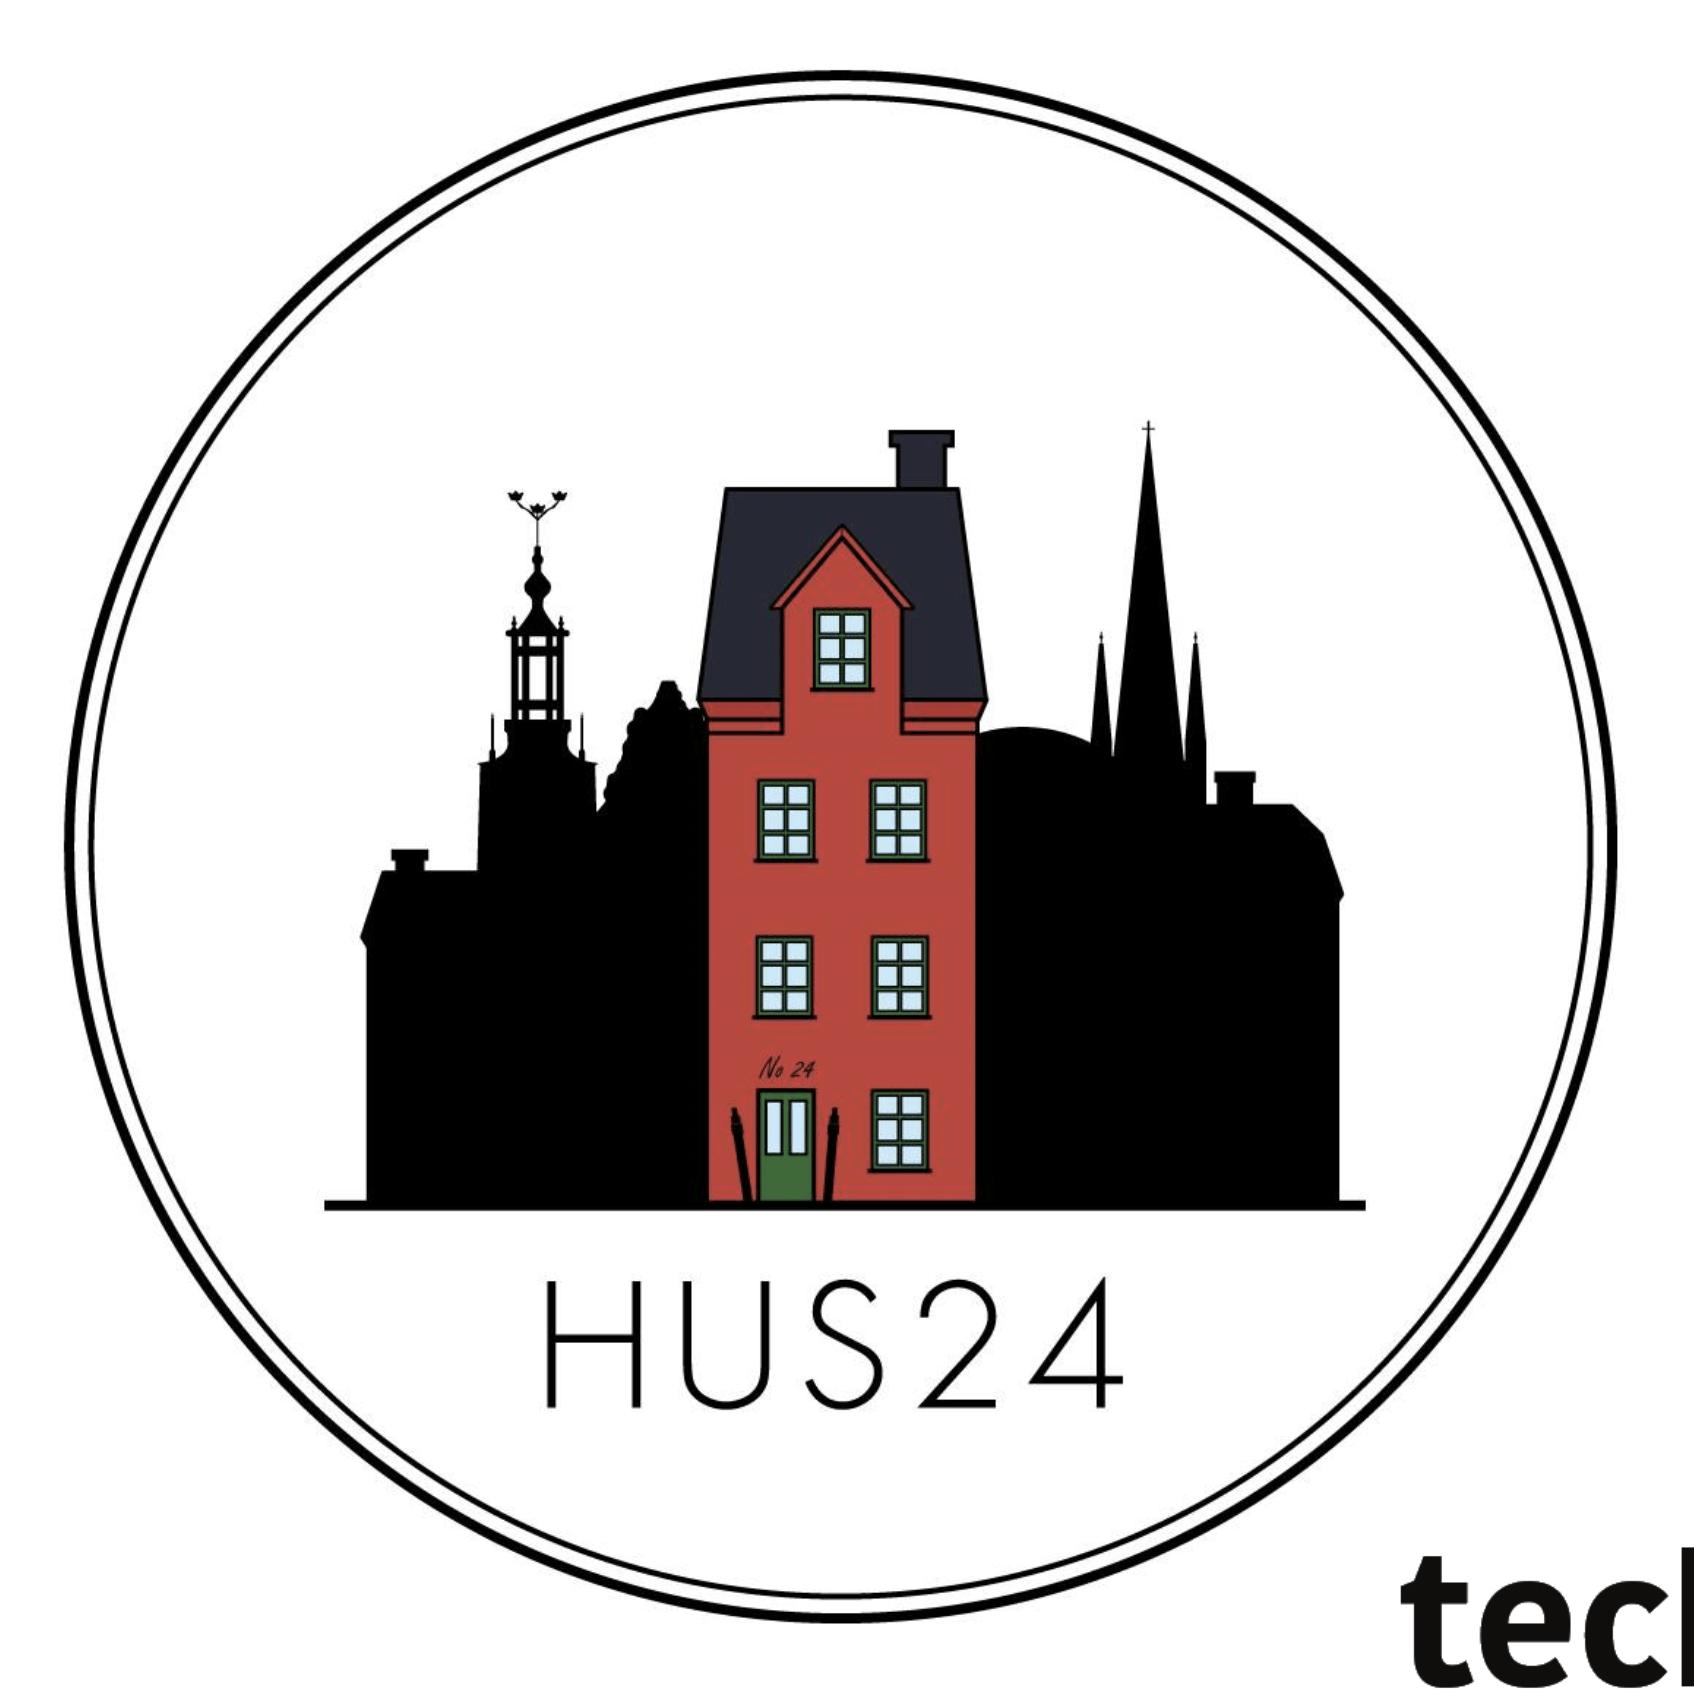 Hus 24